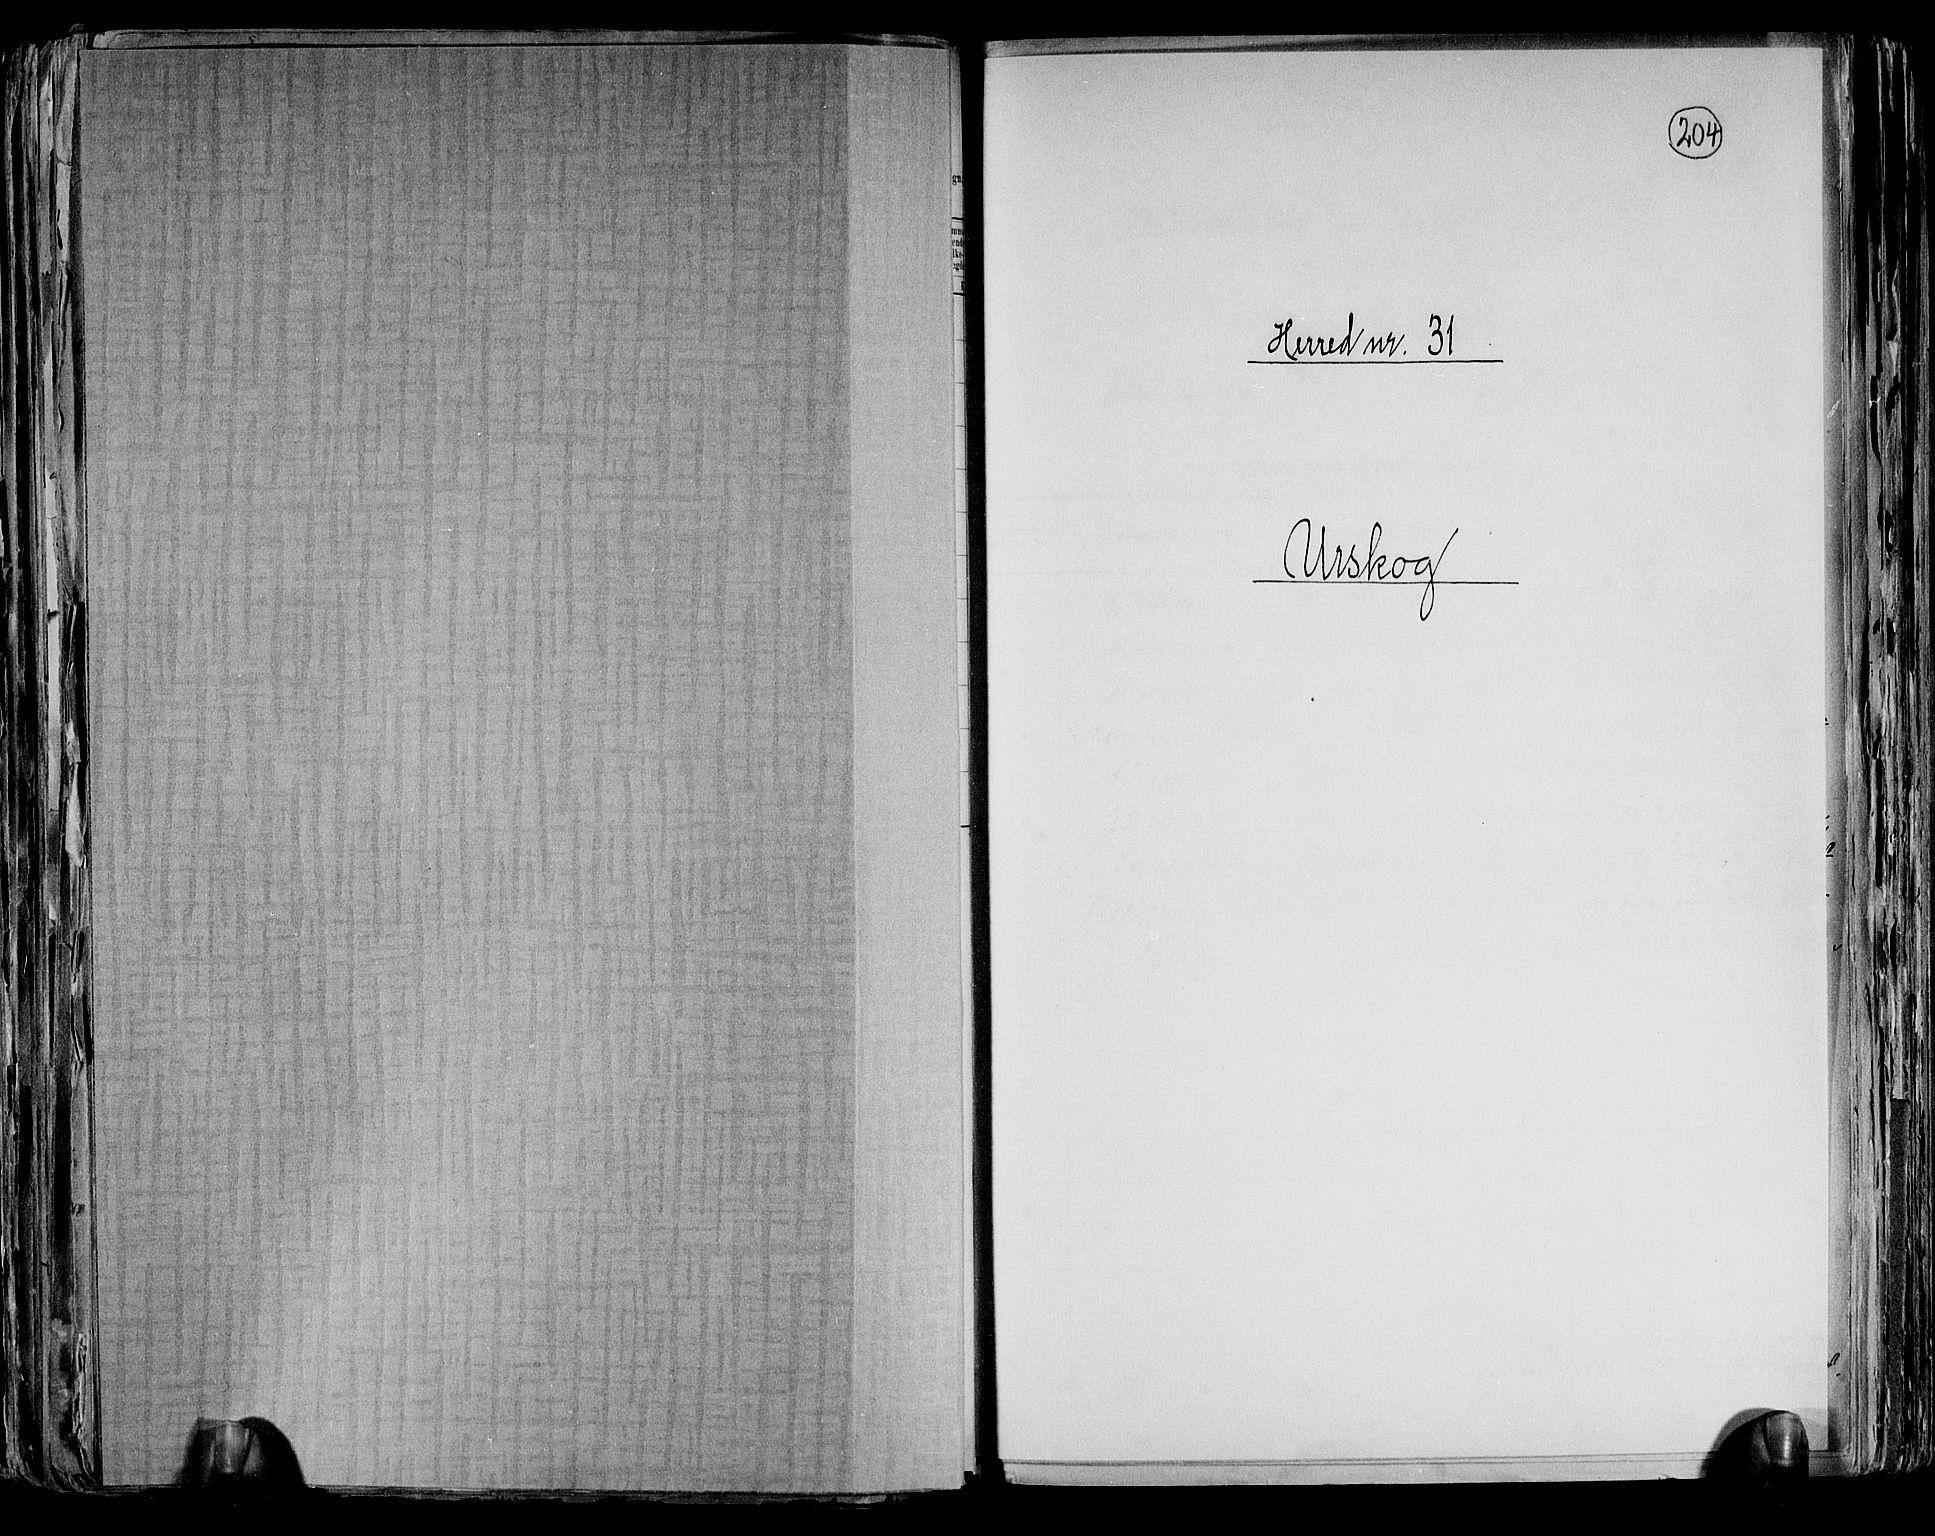 RA, Folketelling 1891 for 0224 Aurskog herred, 1891, s. 1